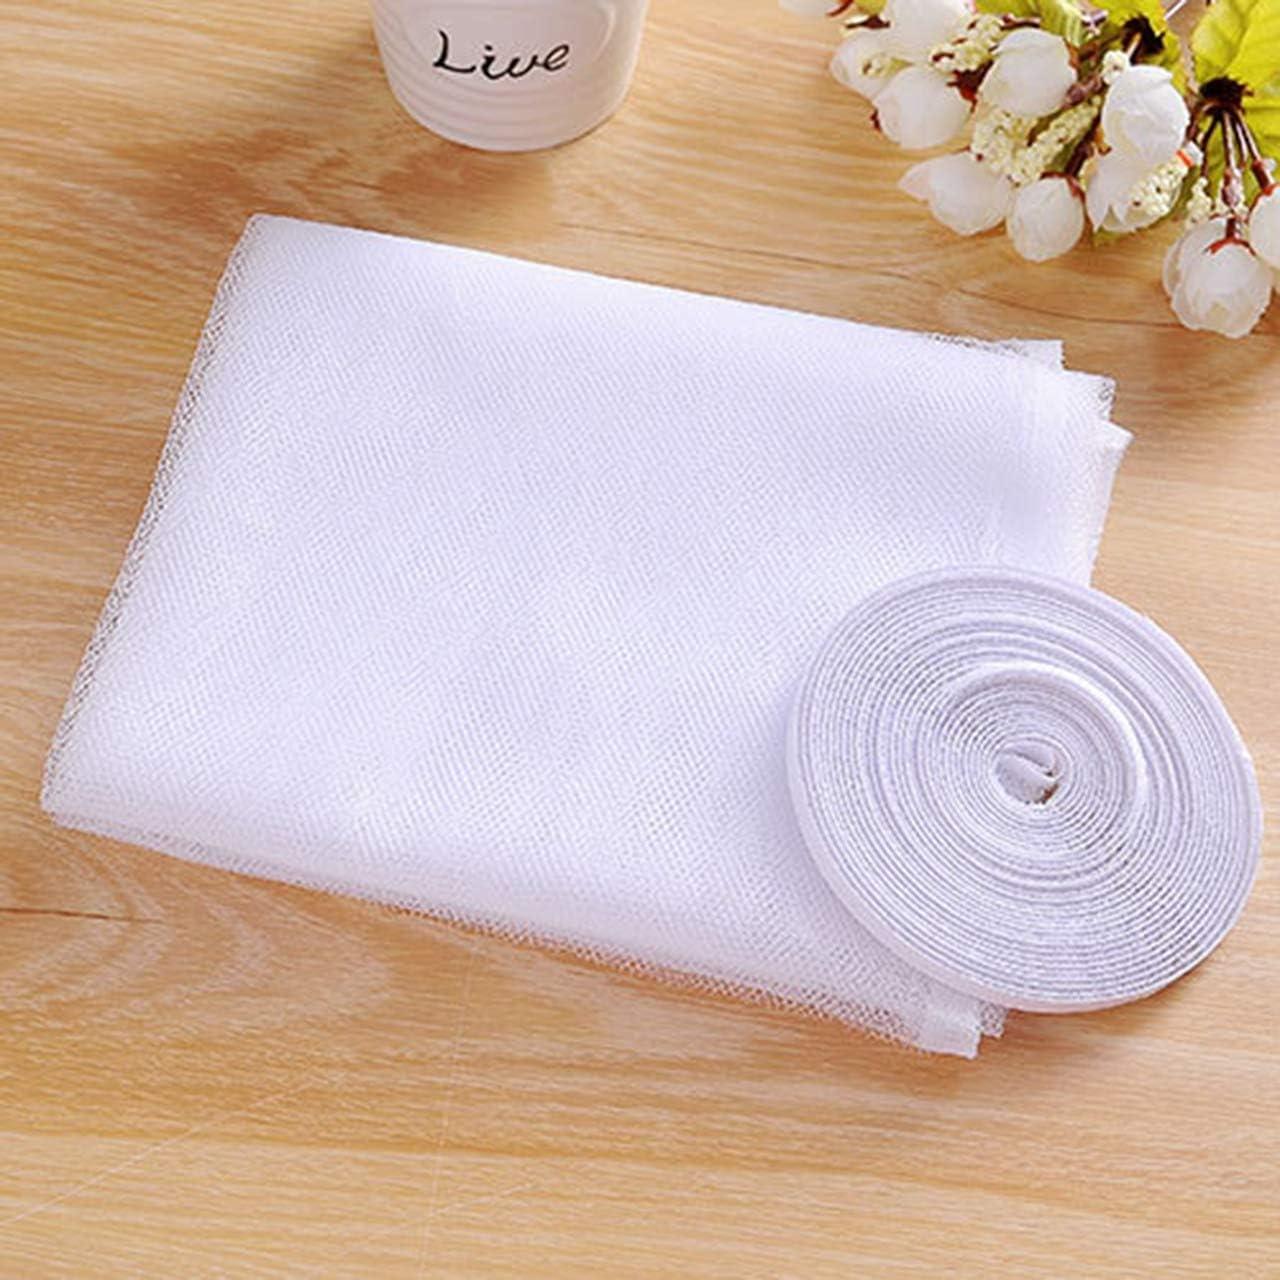 Blanc, 3 Rouleaux de bandes Auto-Adh/ésives et 3 Autocollants de Patch 3 Pack 1,5 x 2 m Moustiquaires Fen/être Anti Moustique Dinsectes Protecteur Kit D/écran en Maille Filet